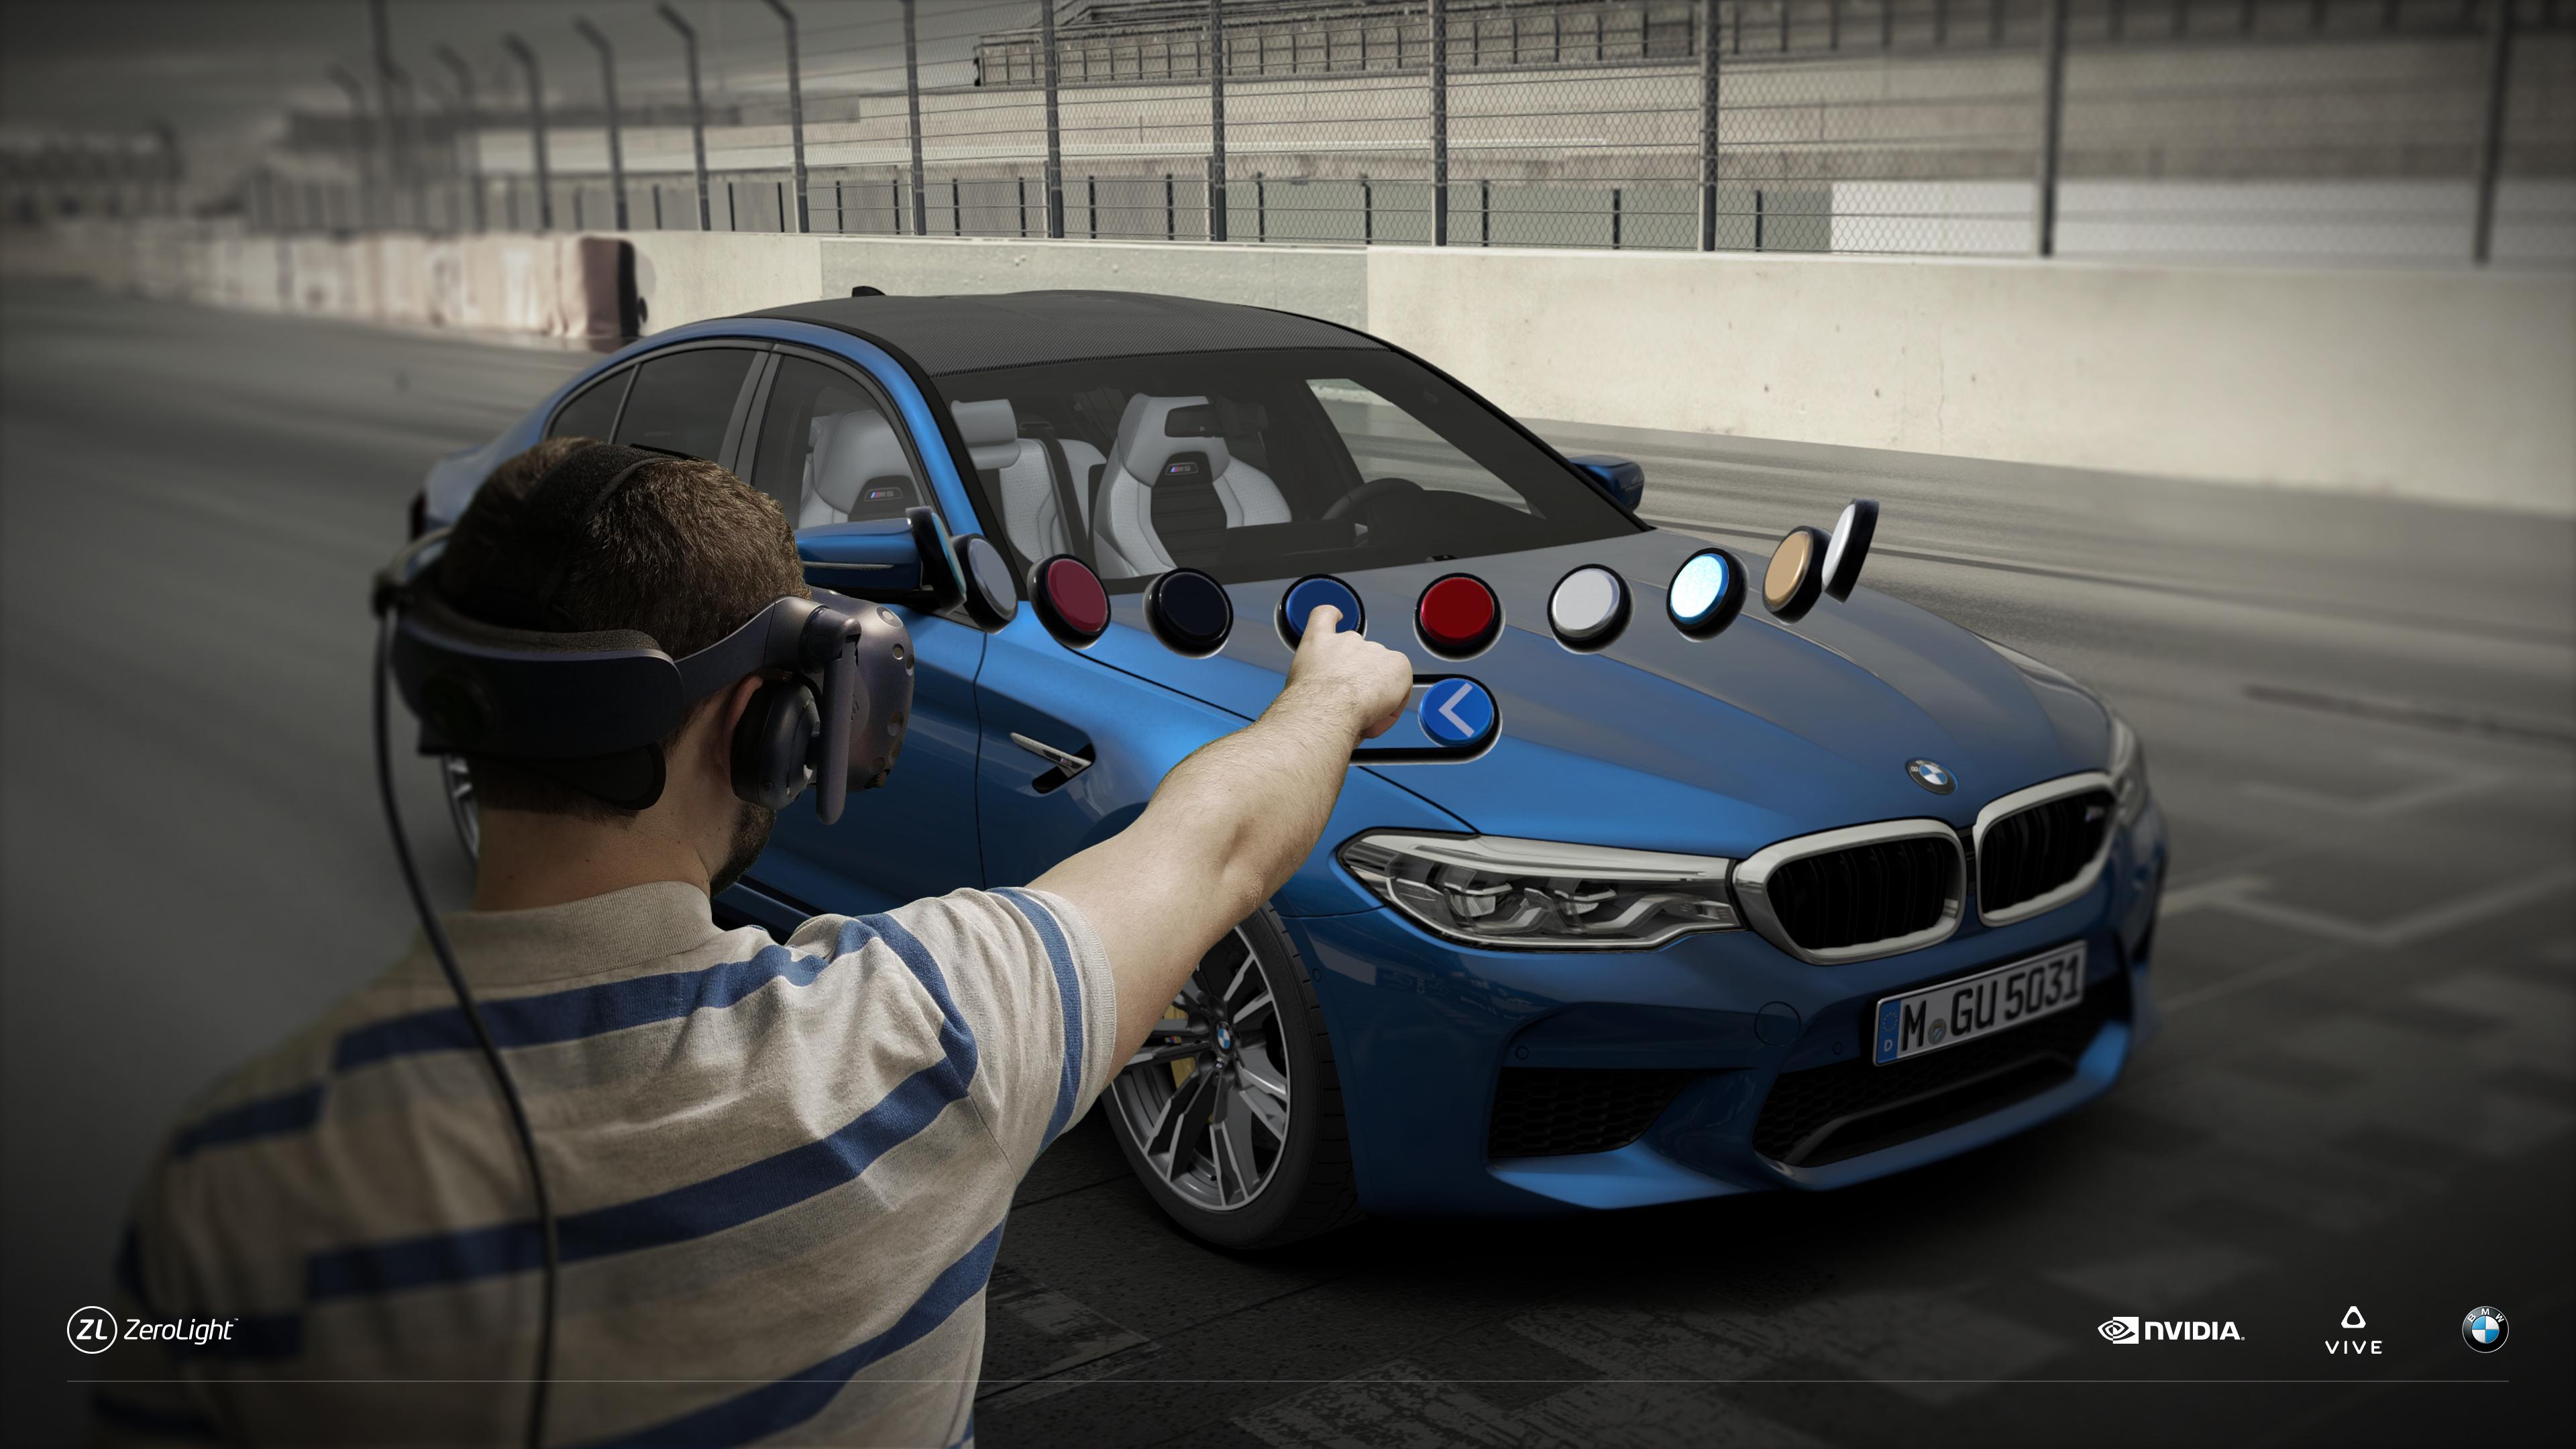 Cena profesionální virtuální reality HTC Vive Pro Eye je 42 999 Kč